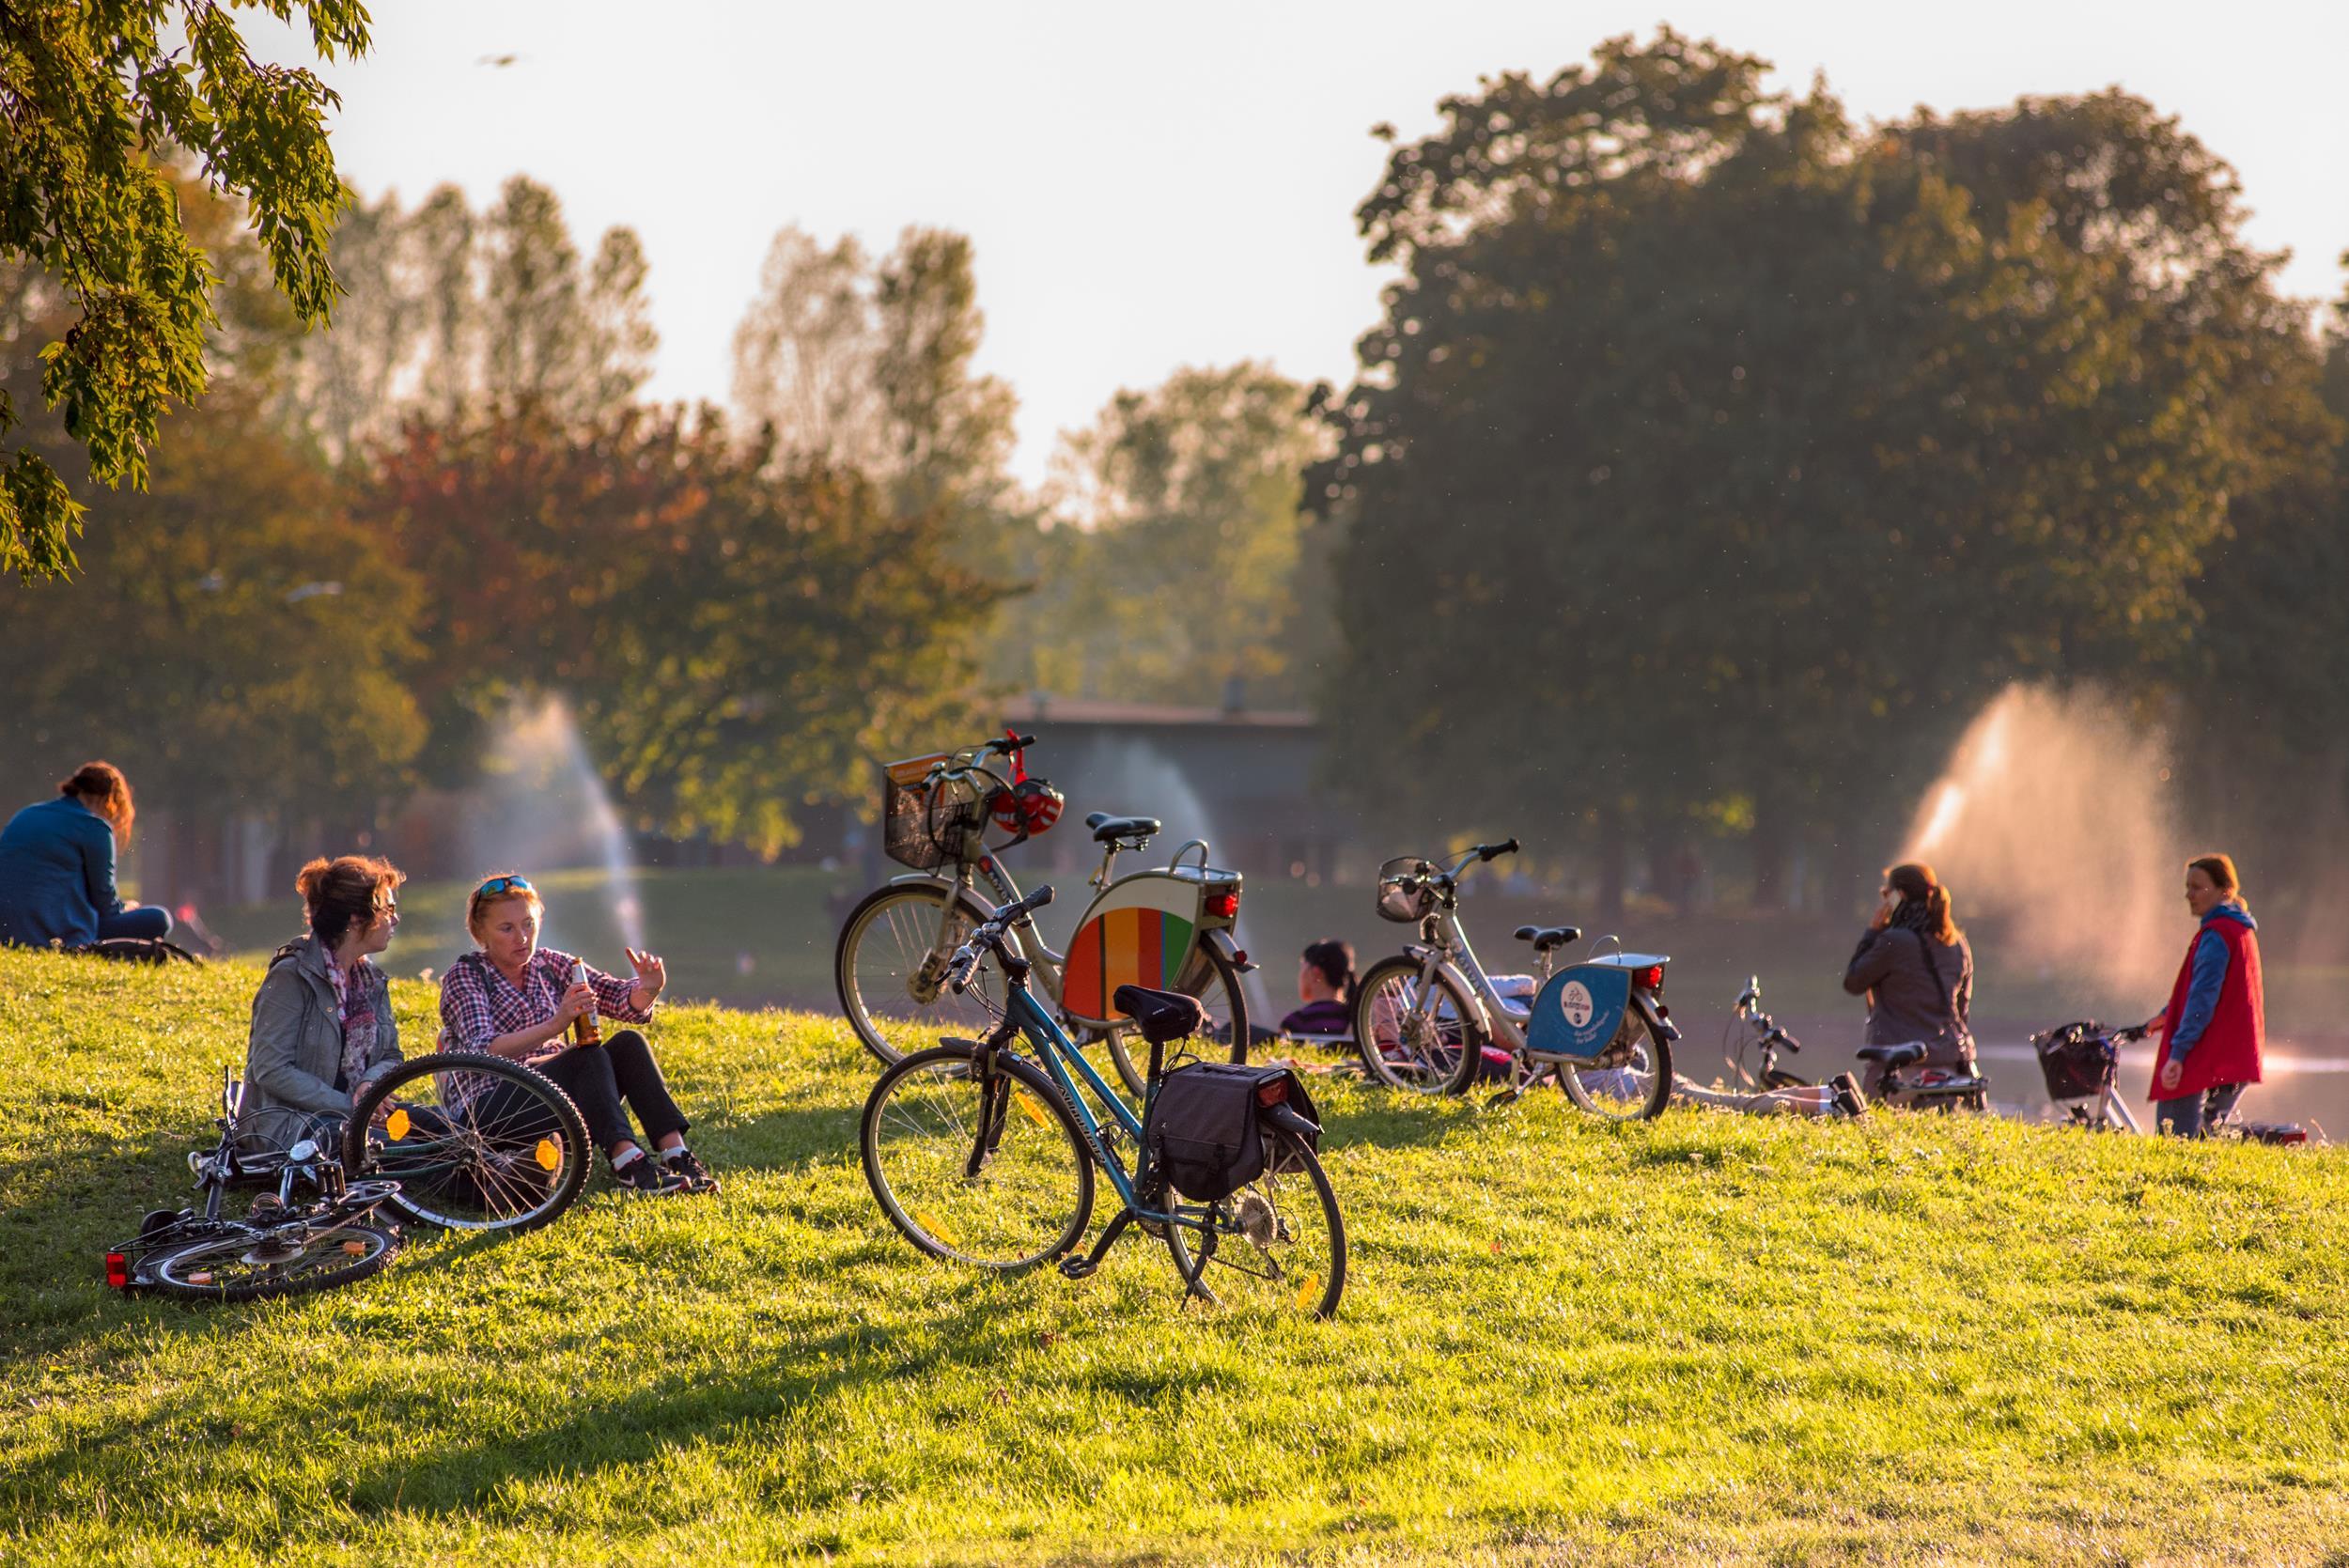 Rowery w parku (Copy)